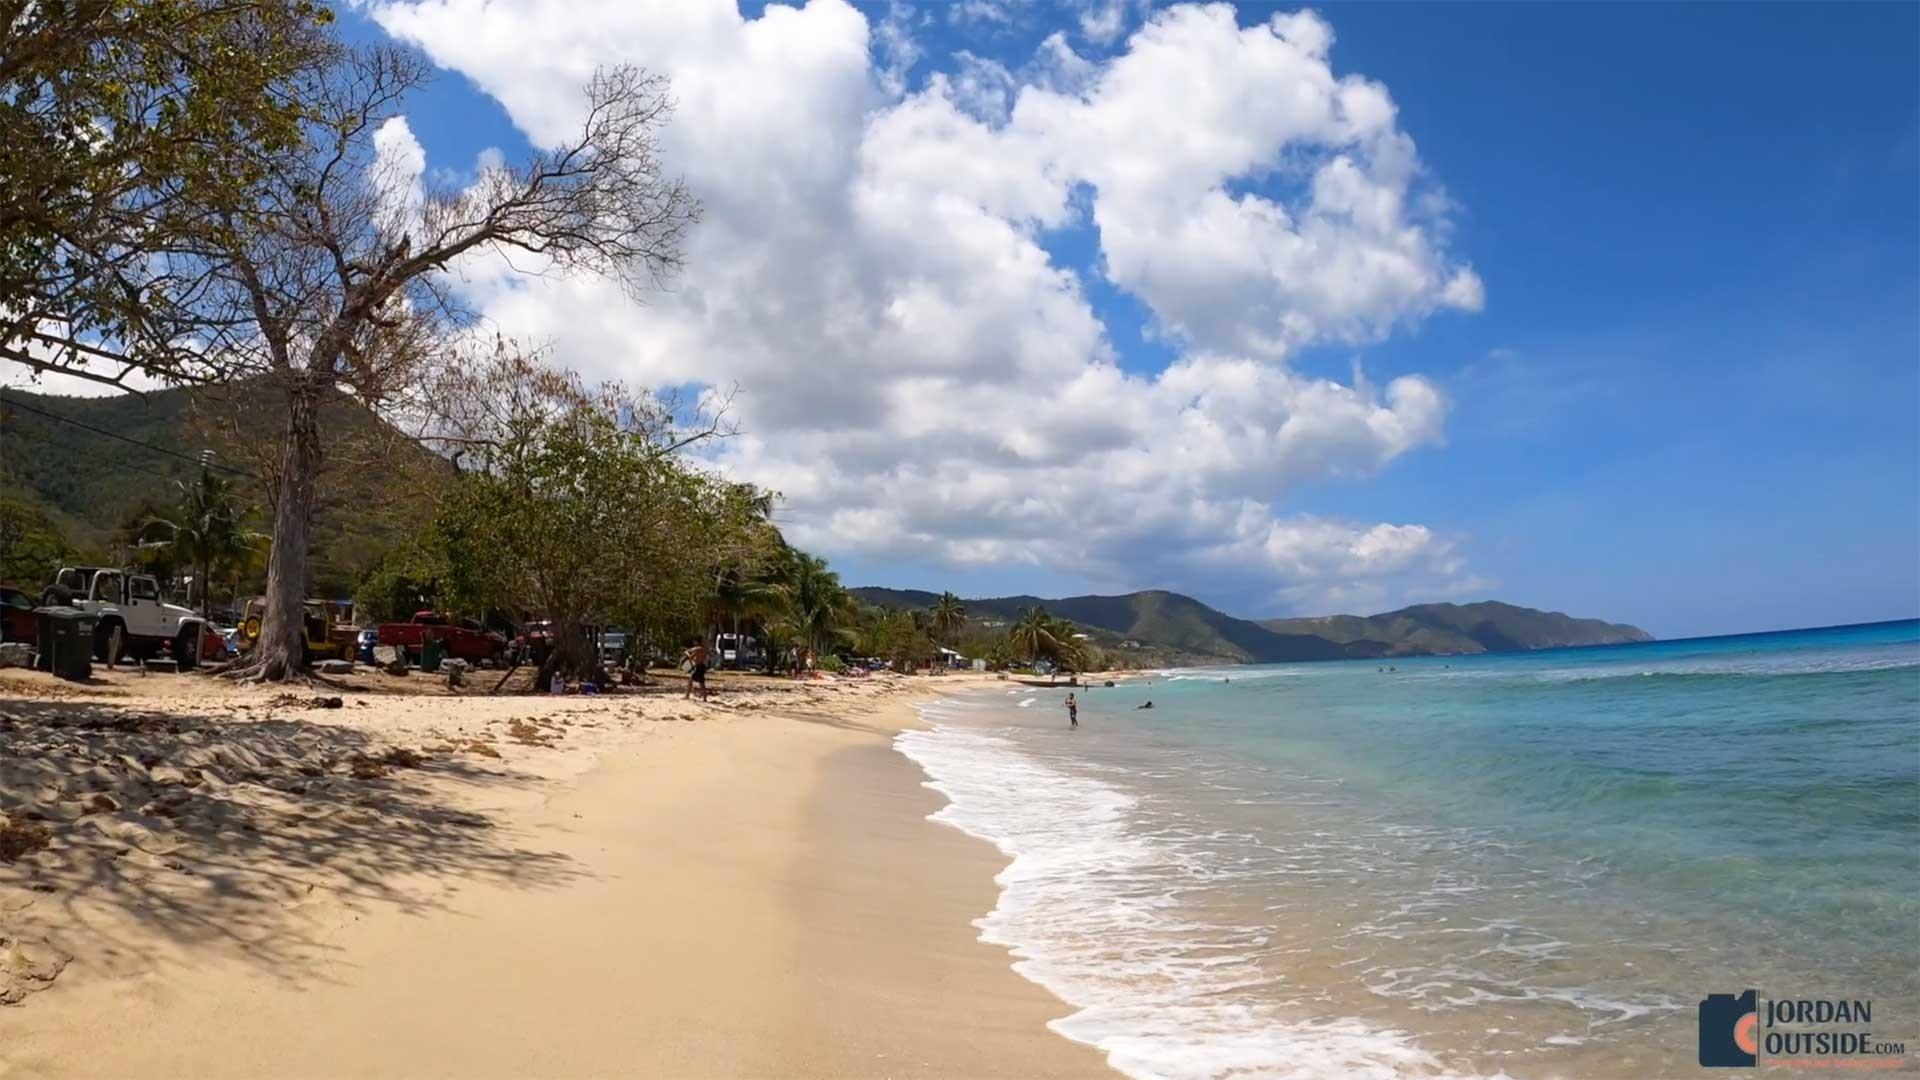 Beach View at Cane Bay Beach, St. Croix